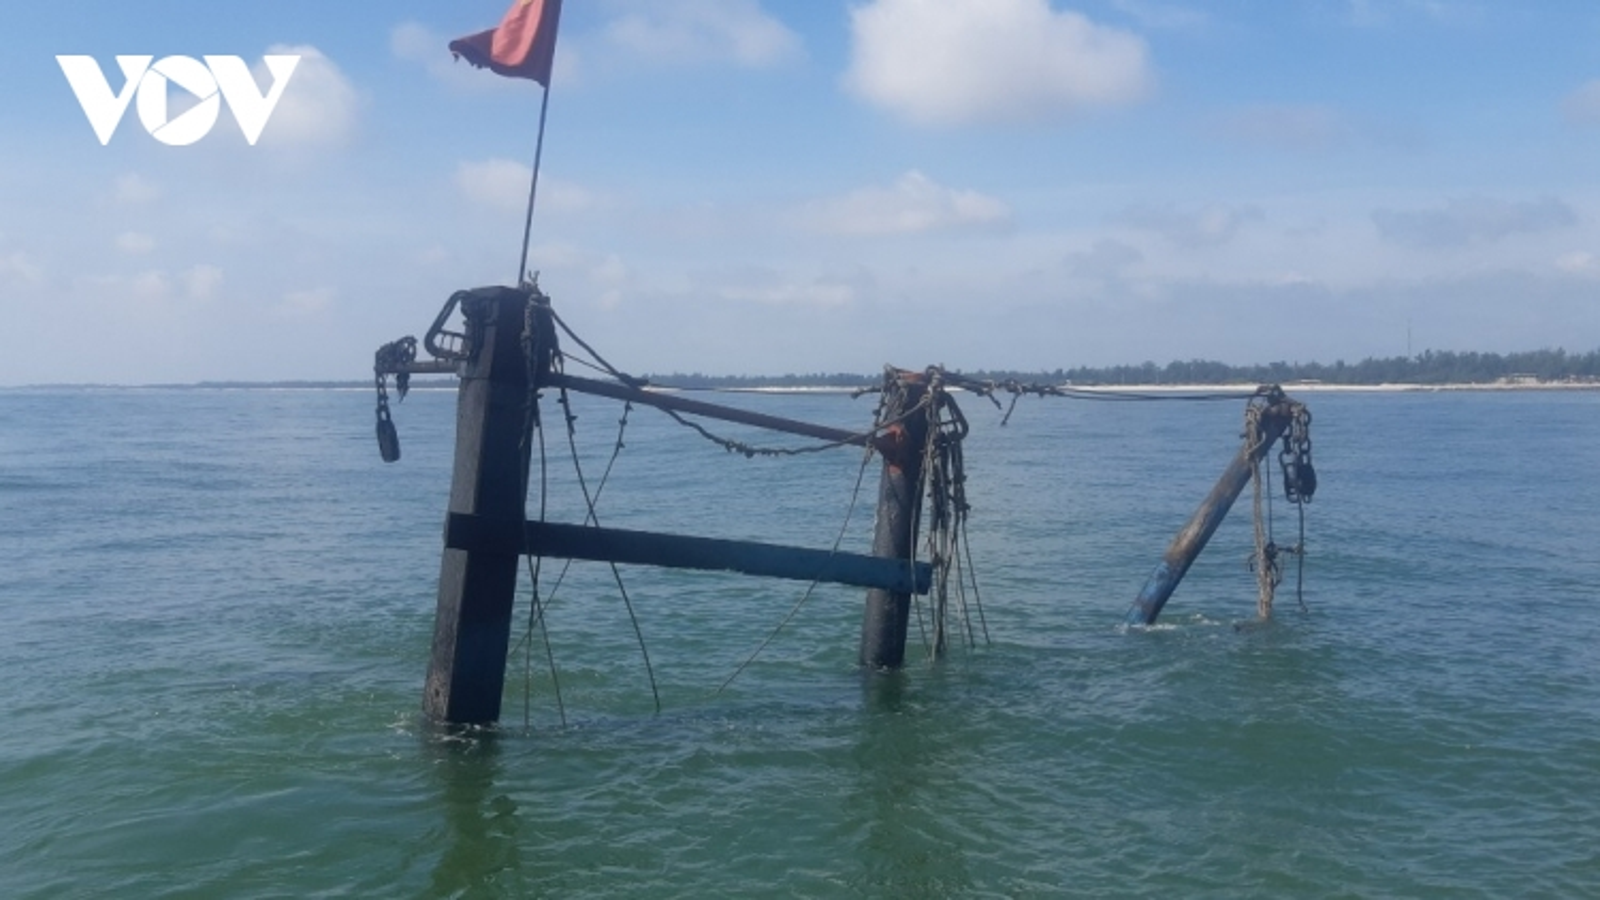 Cứu thành công ngư dân trên tàu cá Nghệ An bị cháy trong đêm